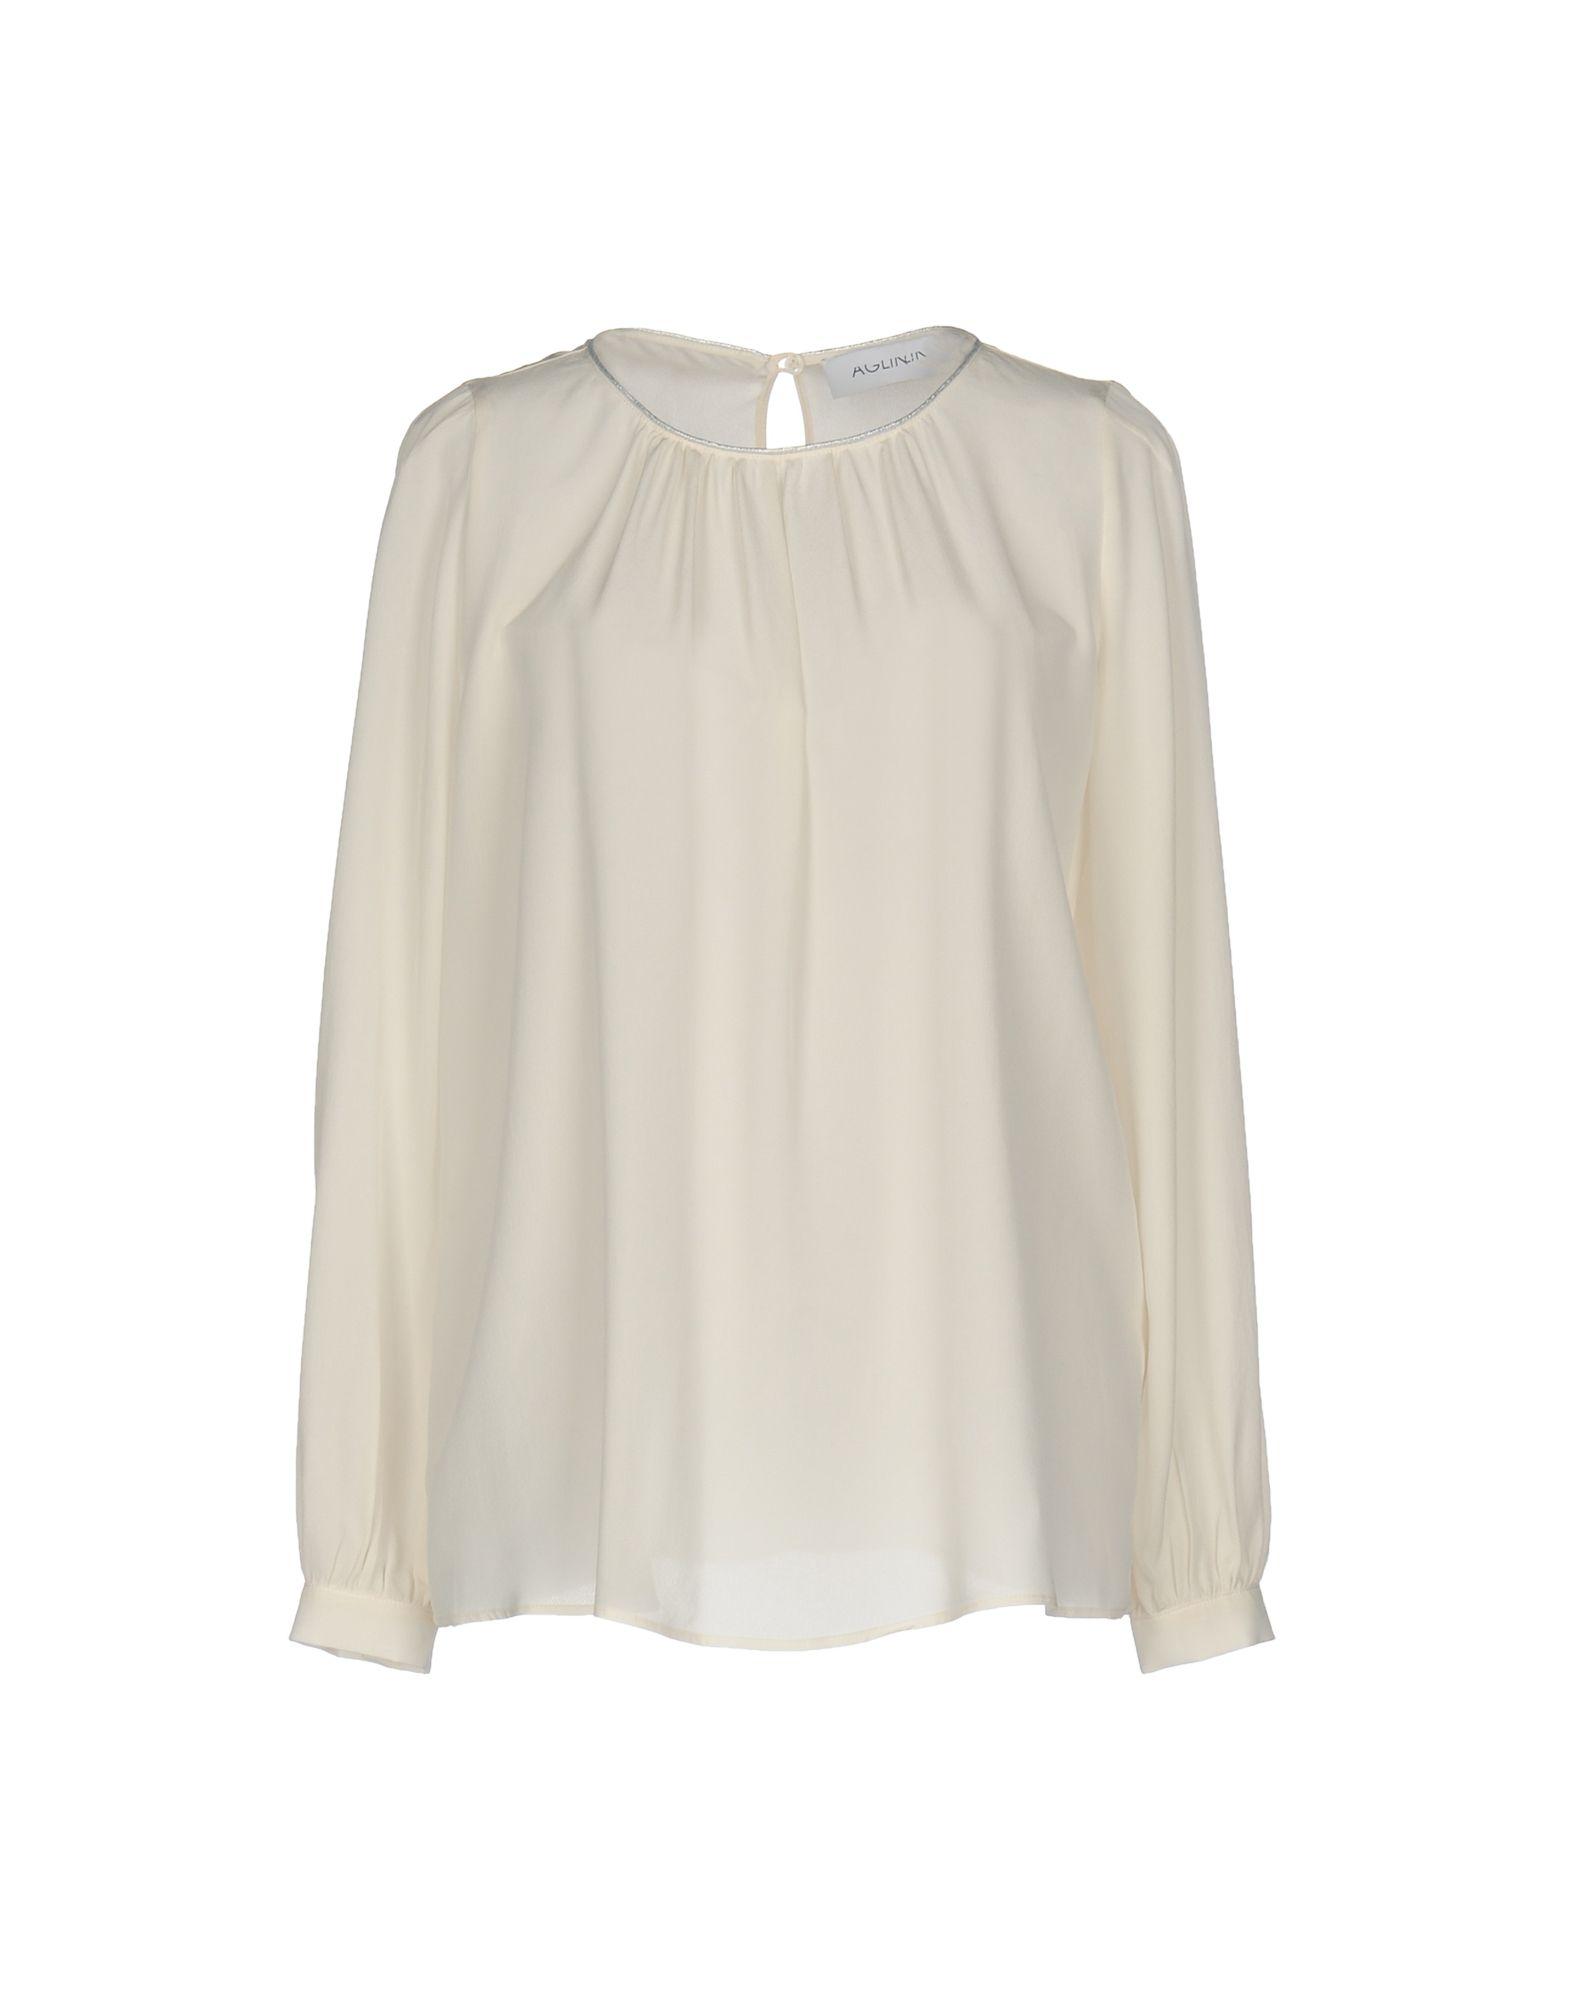 AGLINI Damen Bluse Farbe Elfenbein Größe 6 jetztbilligerkaufen